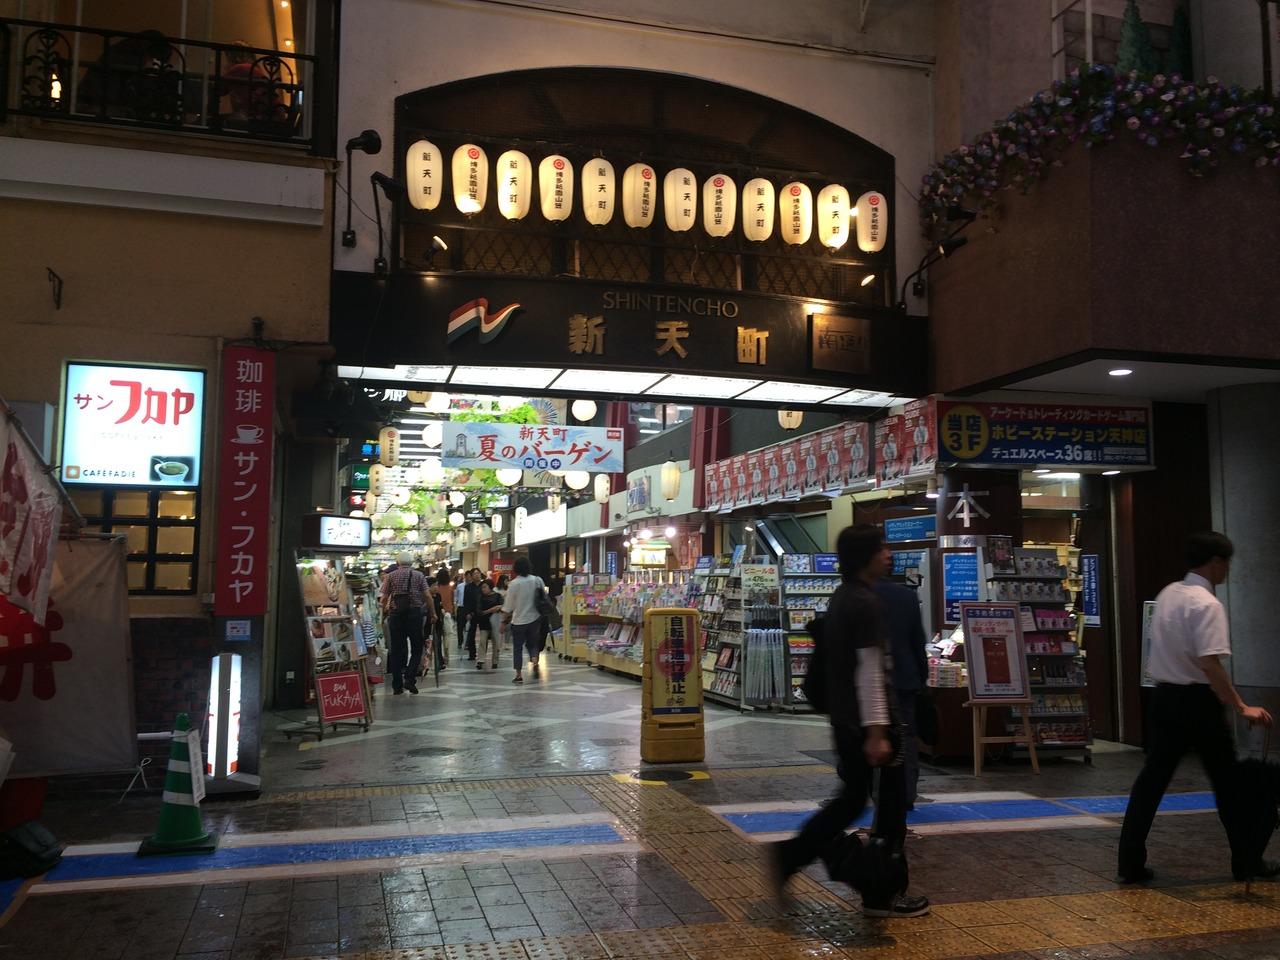 中洲・博多・天神のショッピングスポット 新天町